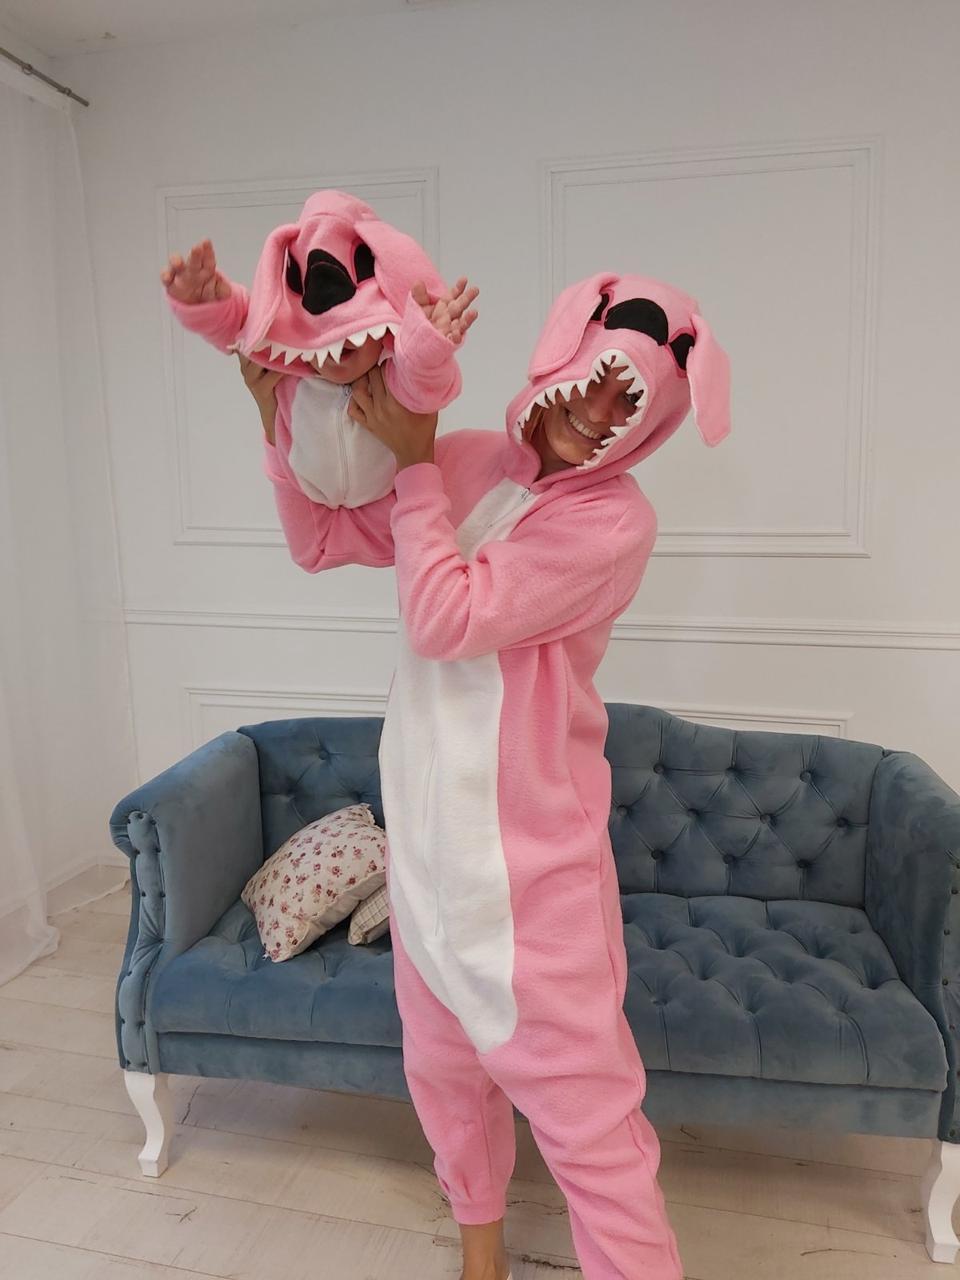 Пижама Кигуруми розовый Стич для всей семьи Украинского производства Размер 134-152 см